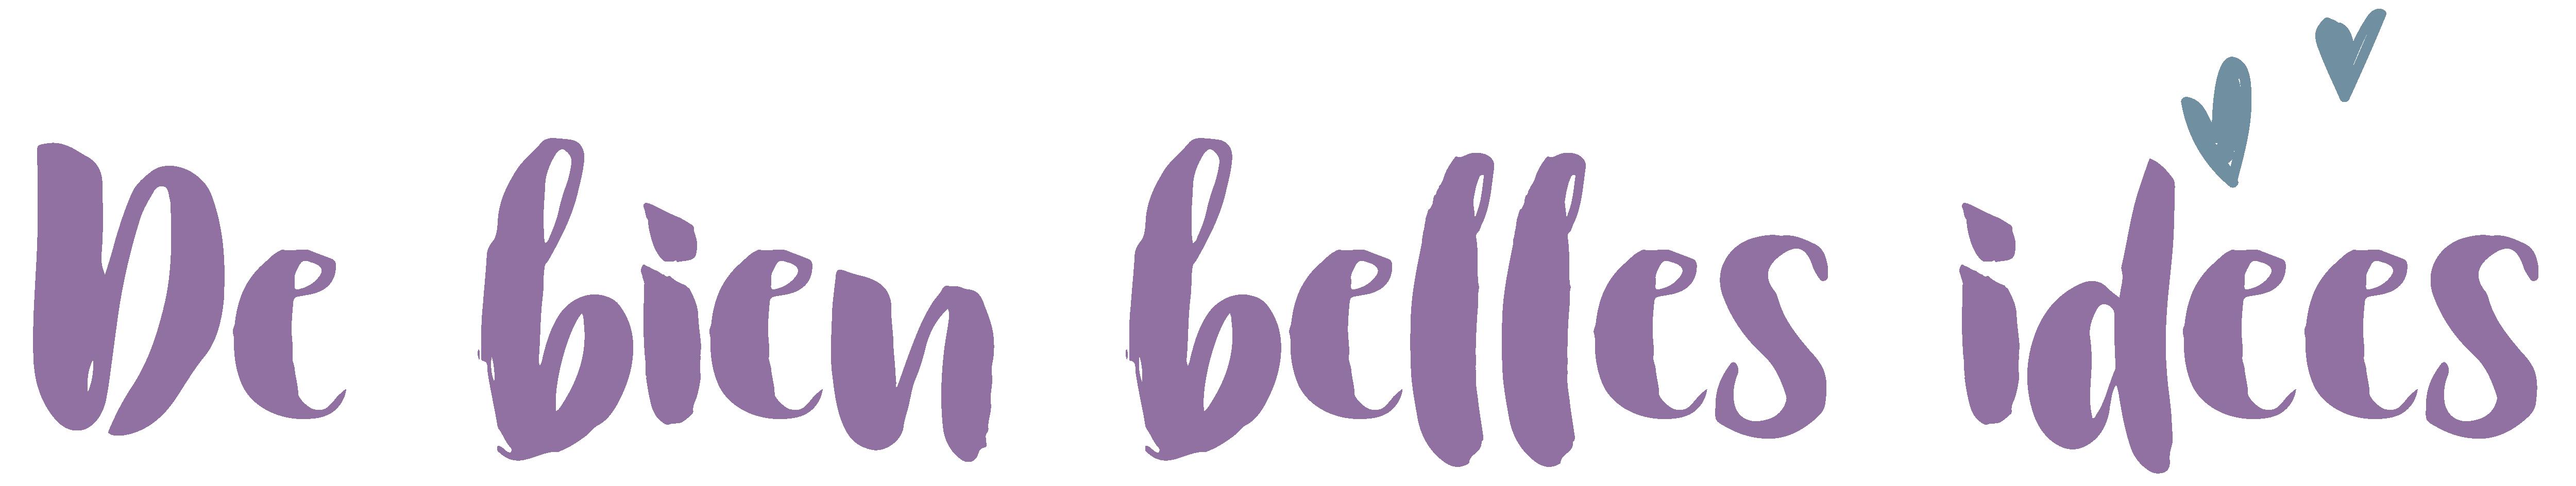 Logo de bien belles idées